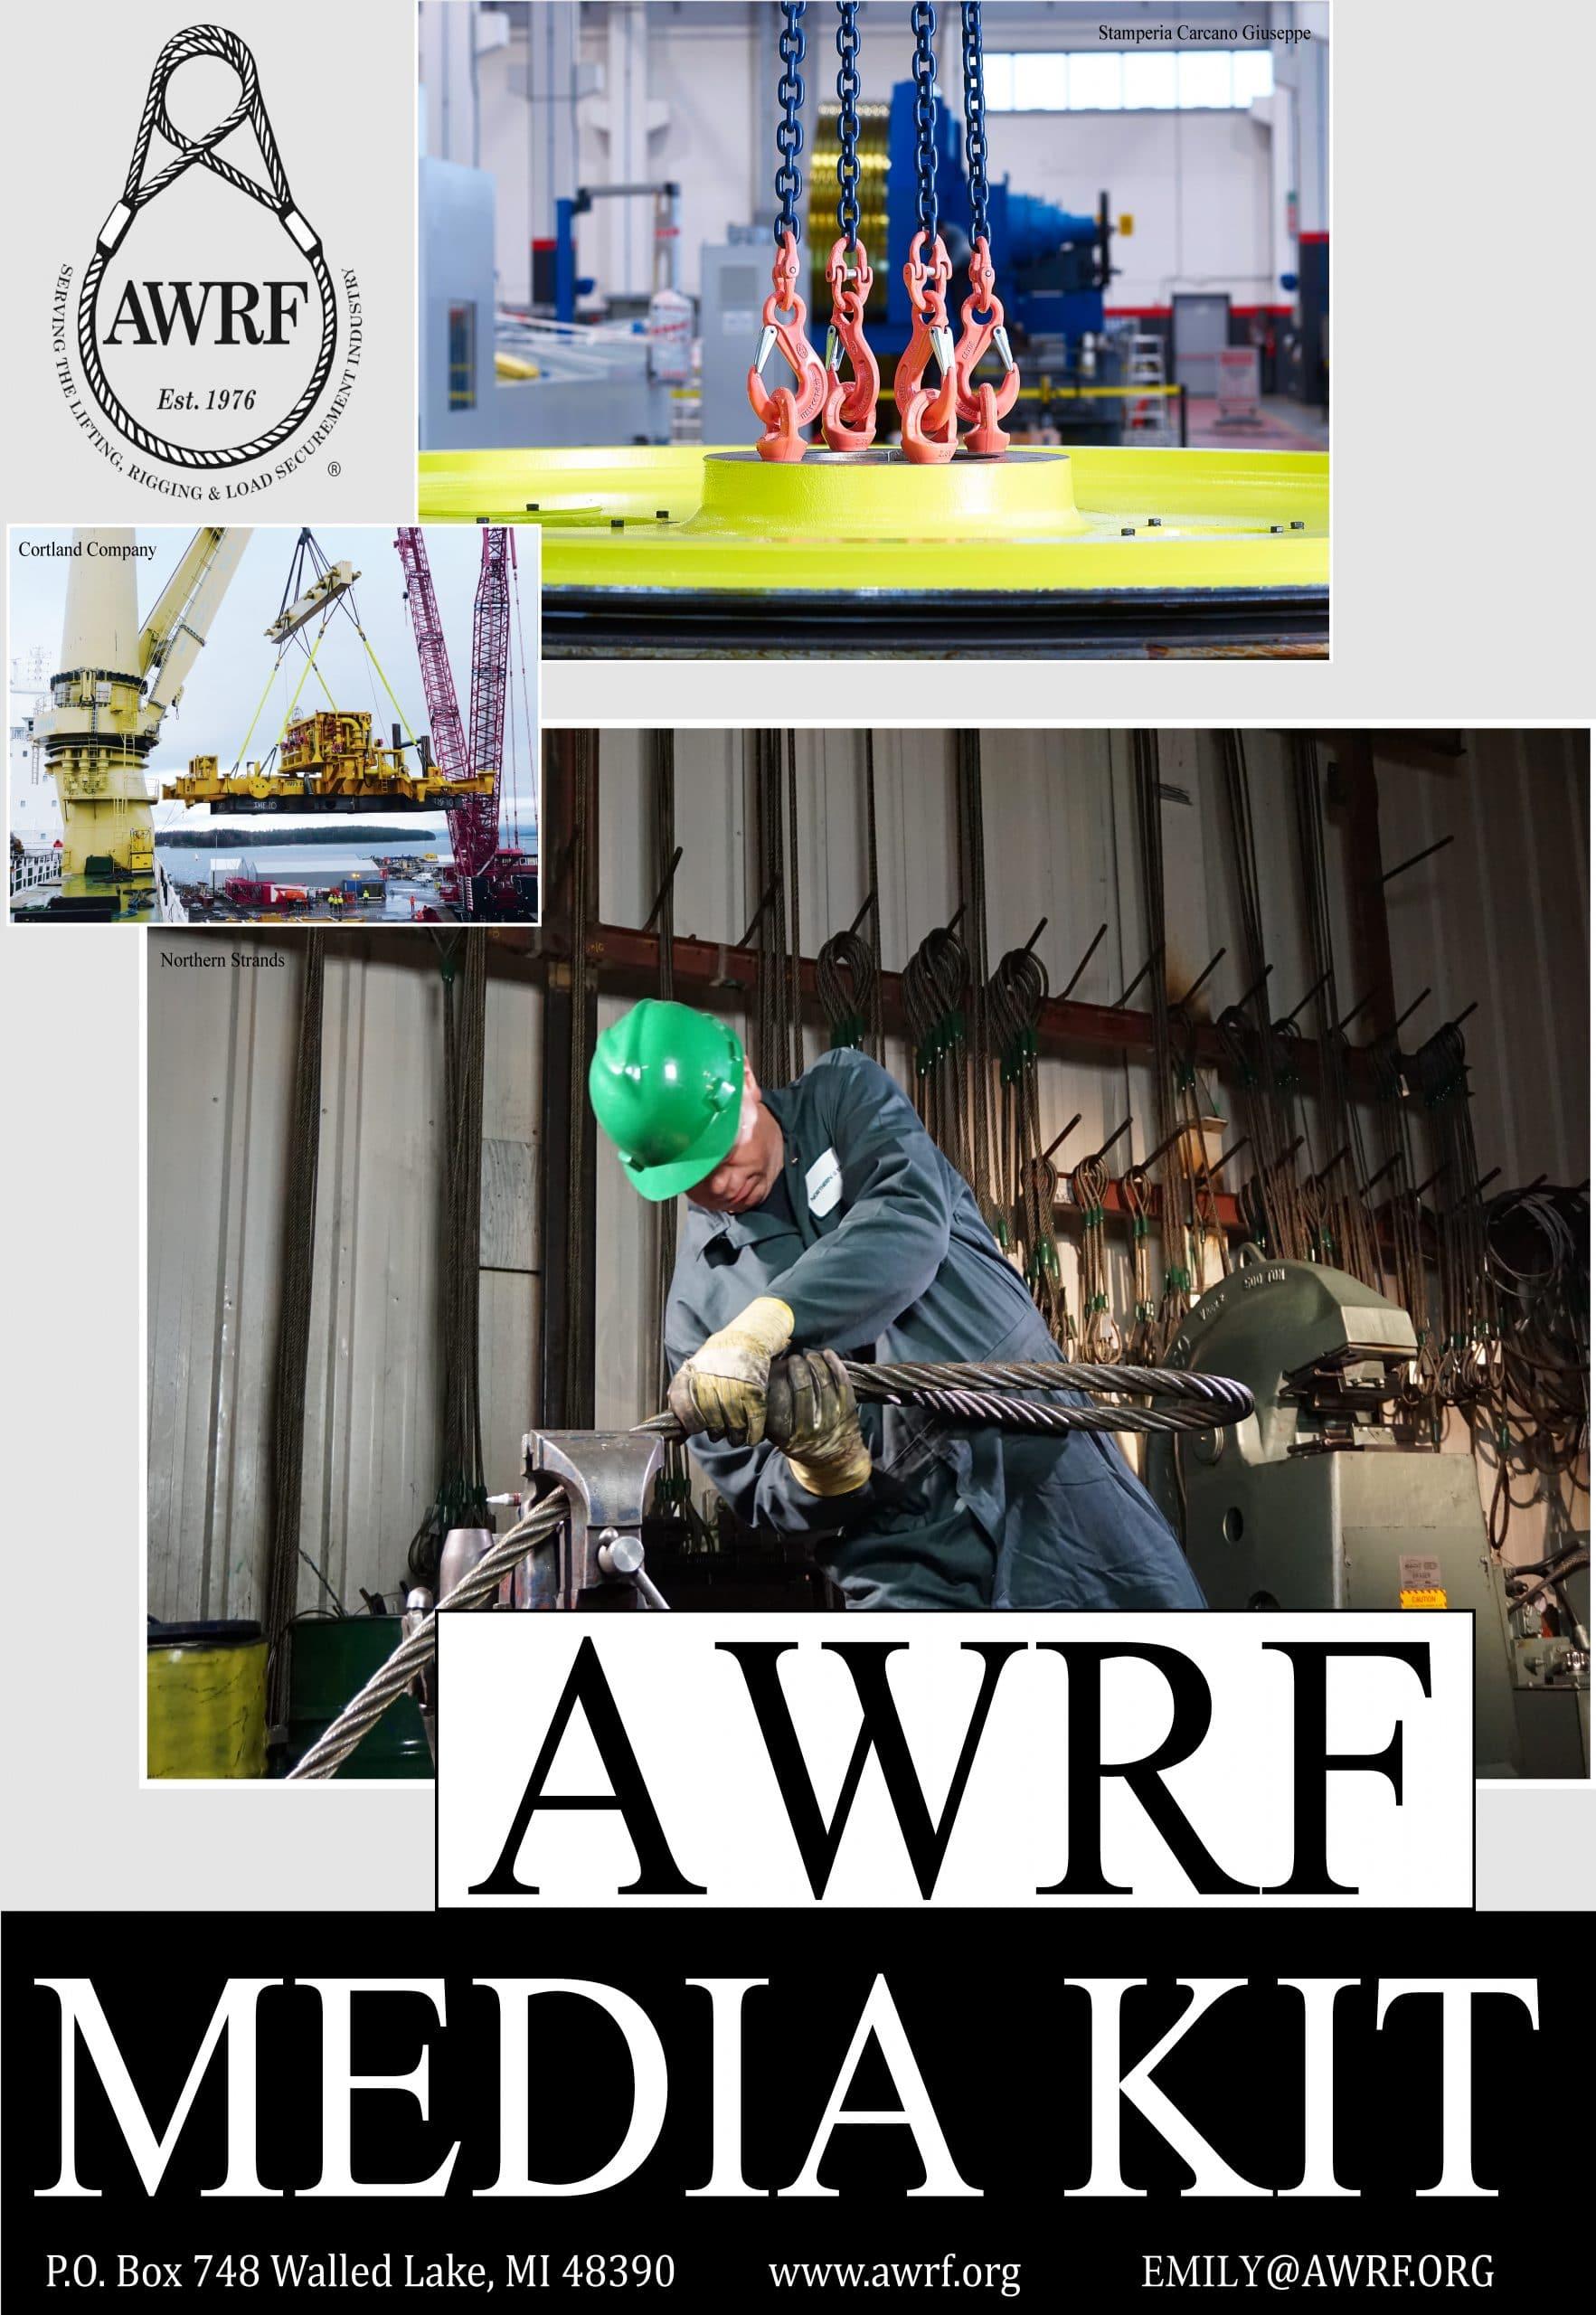 AWRF Media Kit